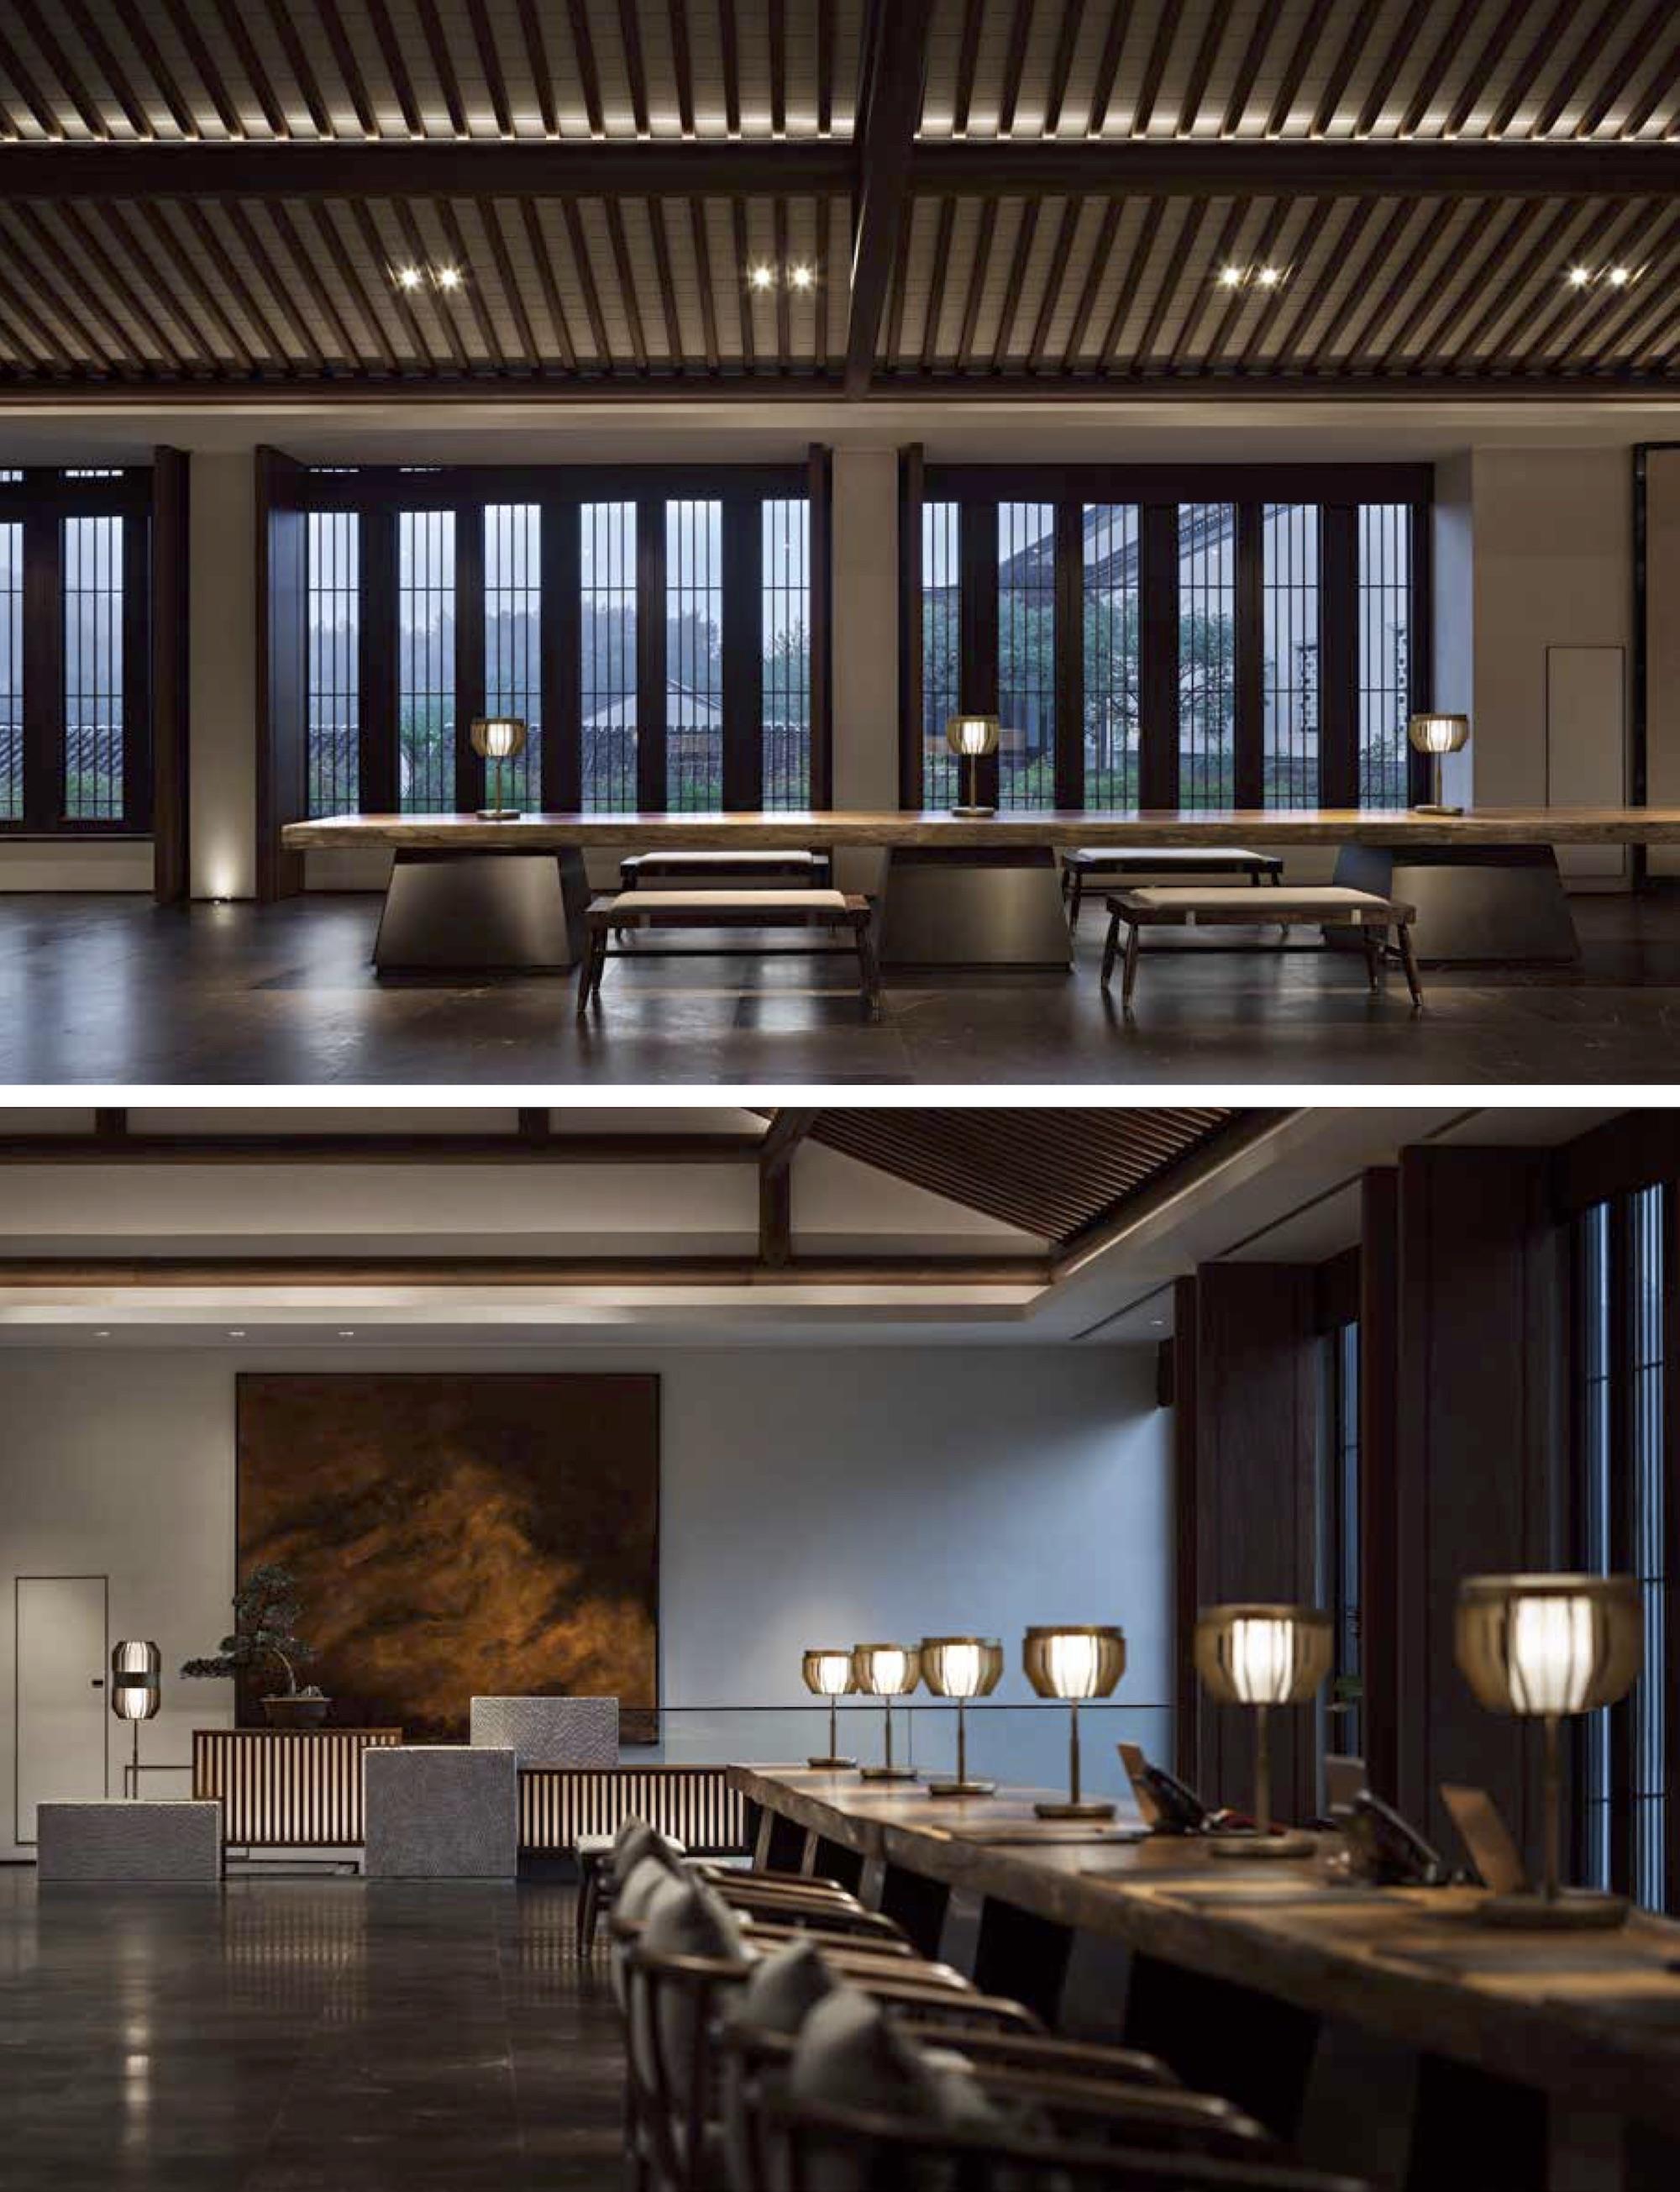 201812 韩国Interiors 安吉悦榕庄度假酒店 7.jpg